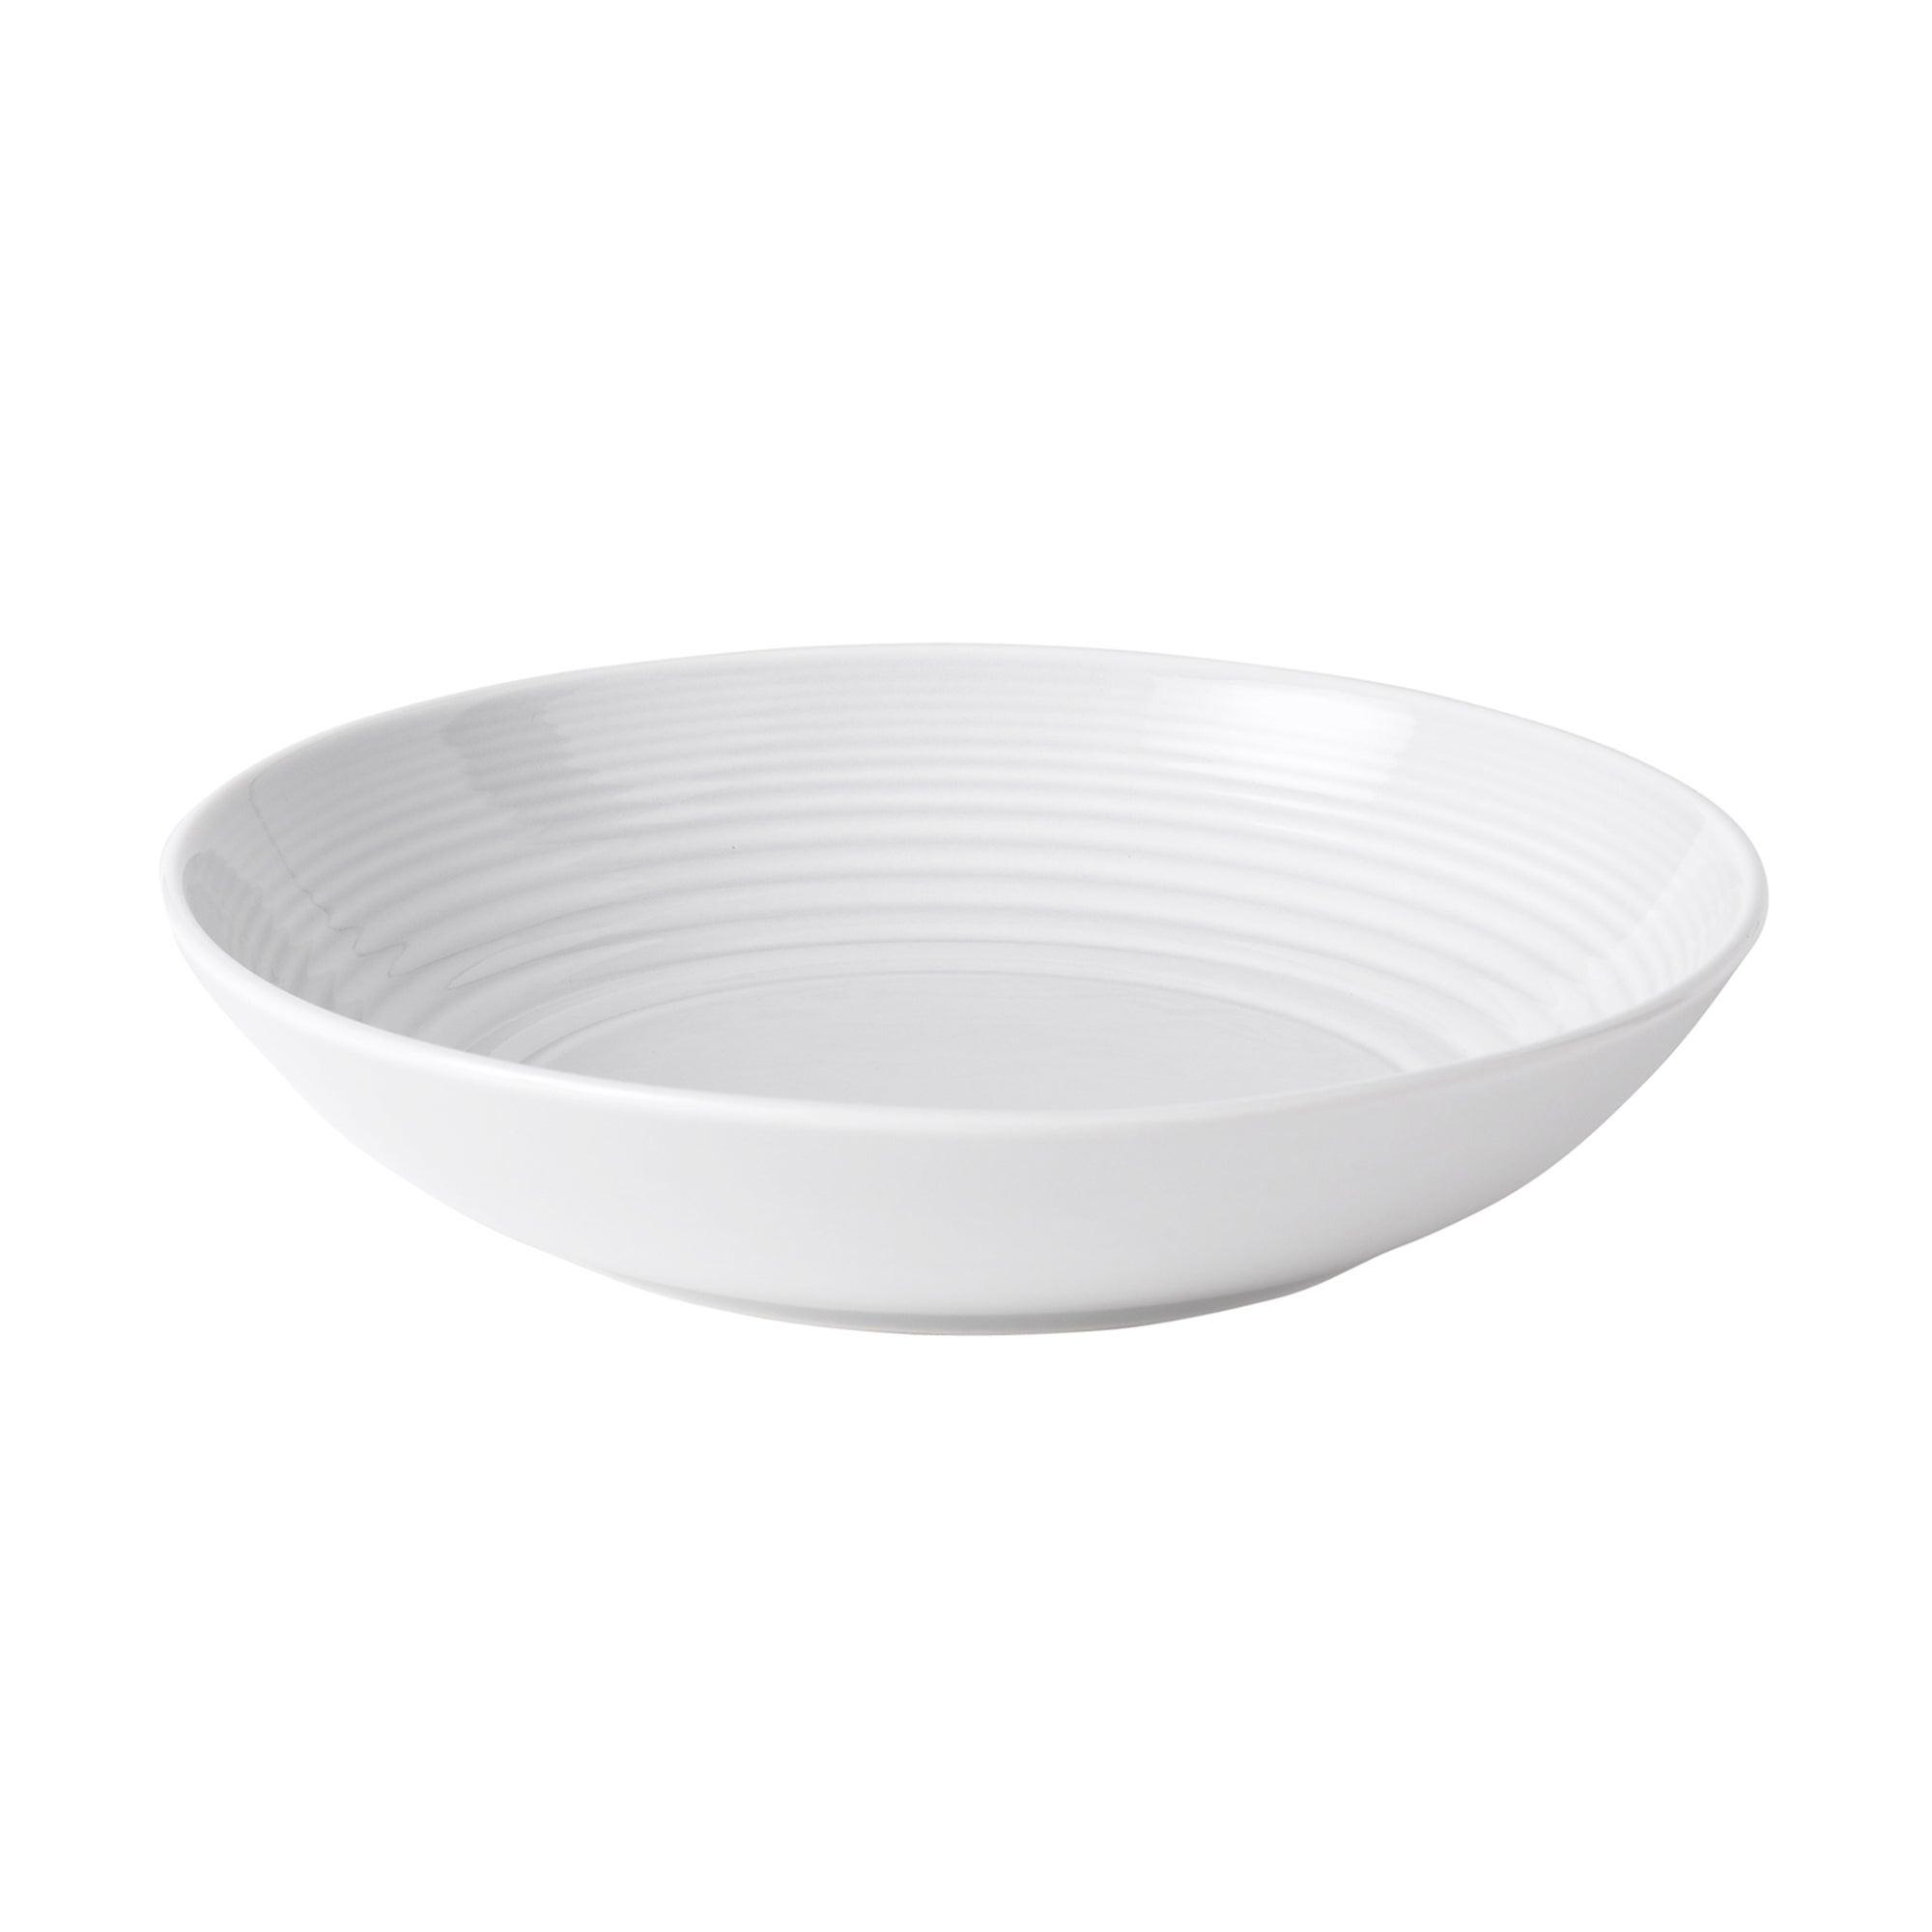 Image of Gordon Ramsay White Maze Pasta Bowl White